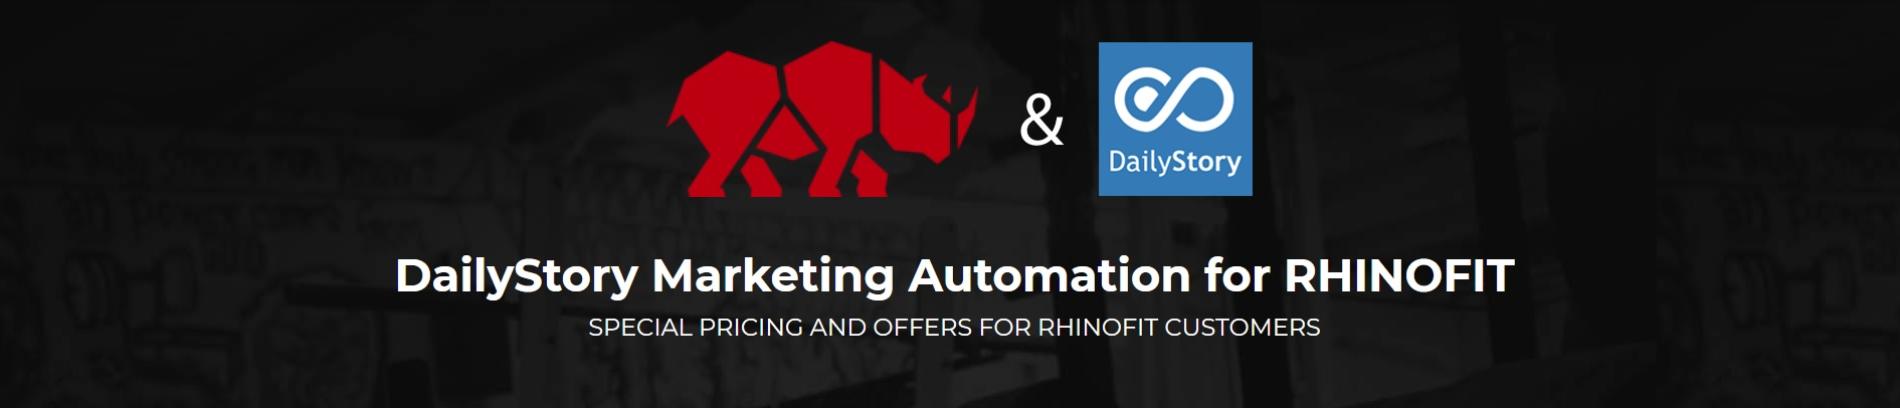 DailyStory RhinoFit